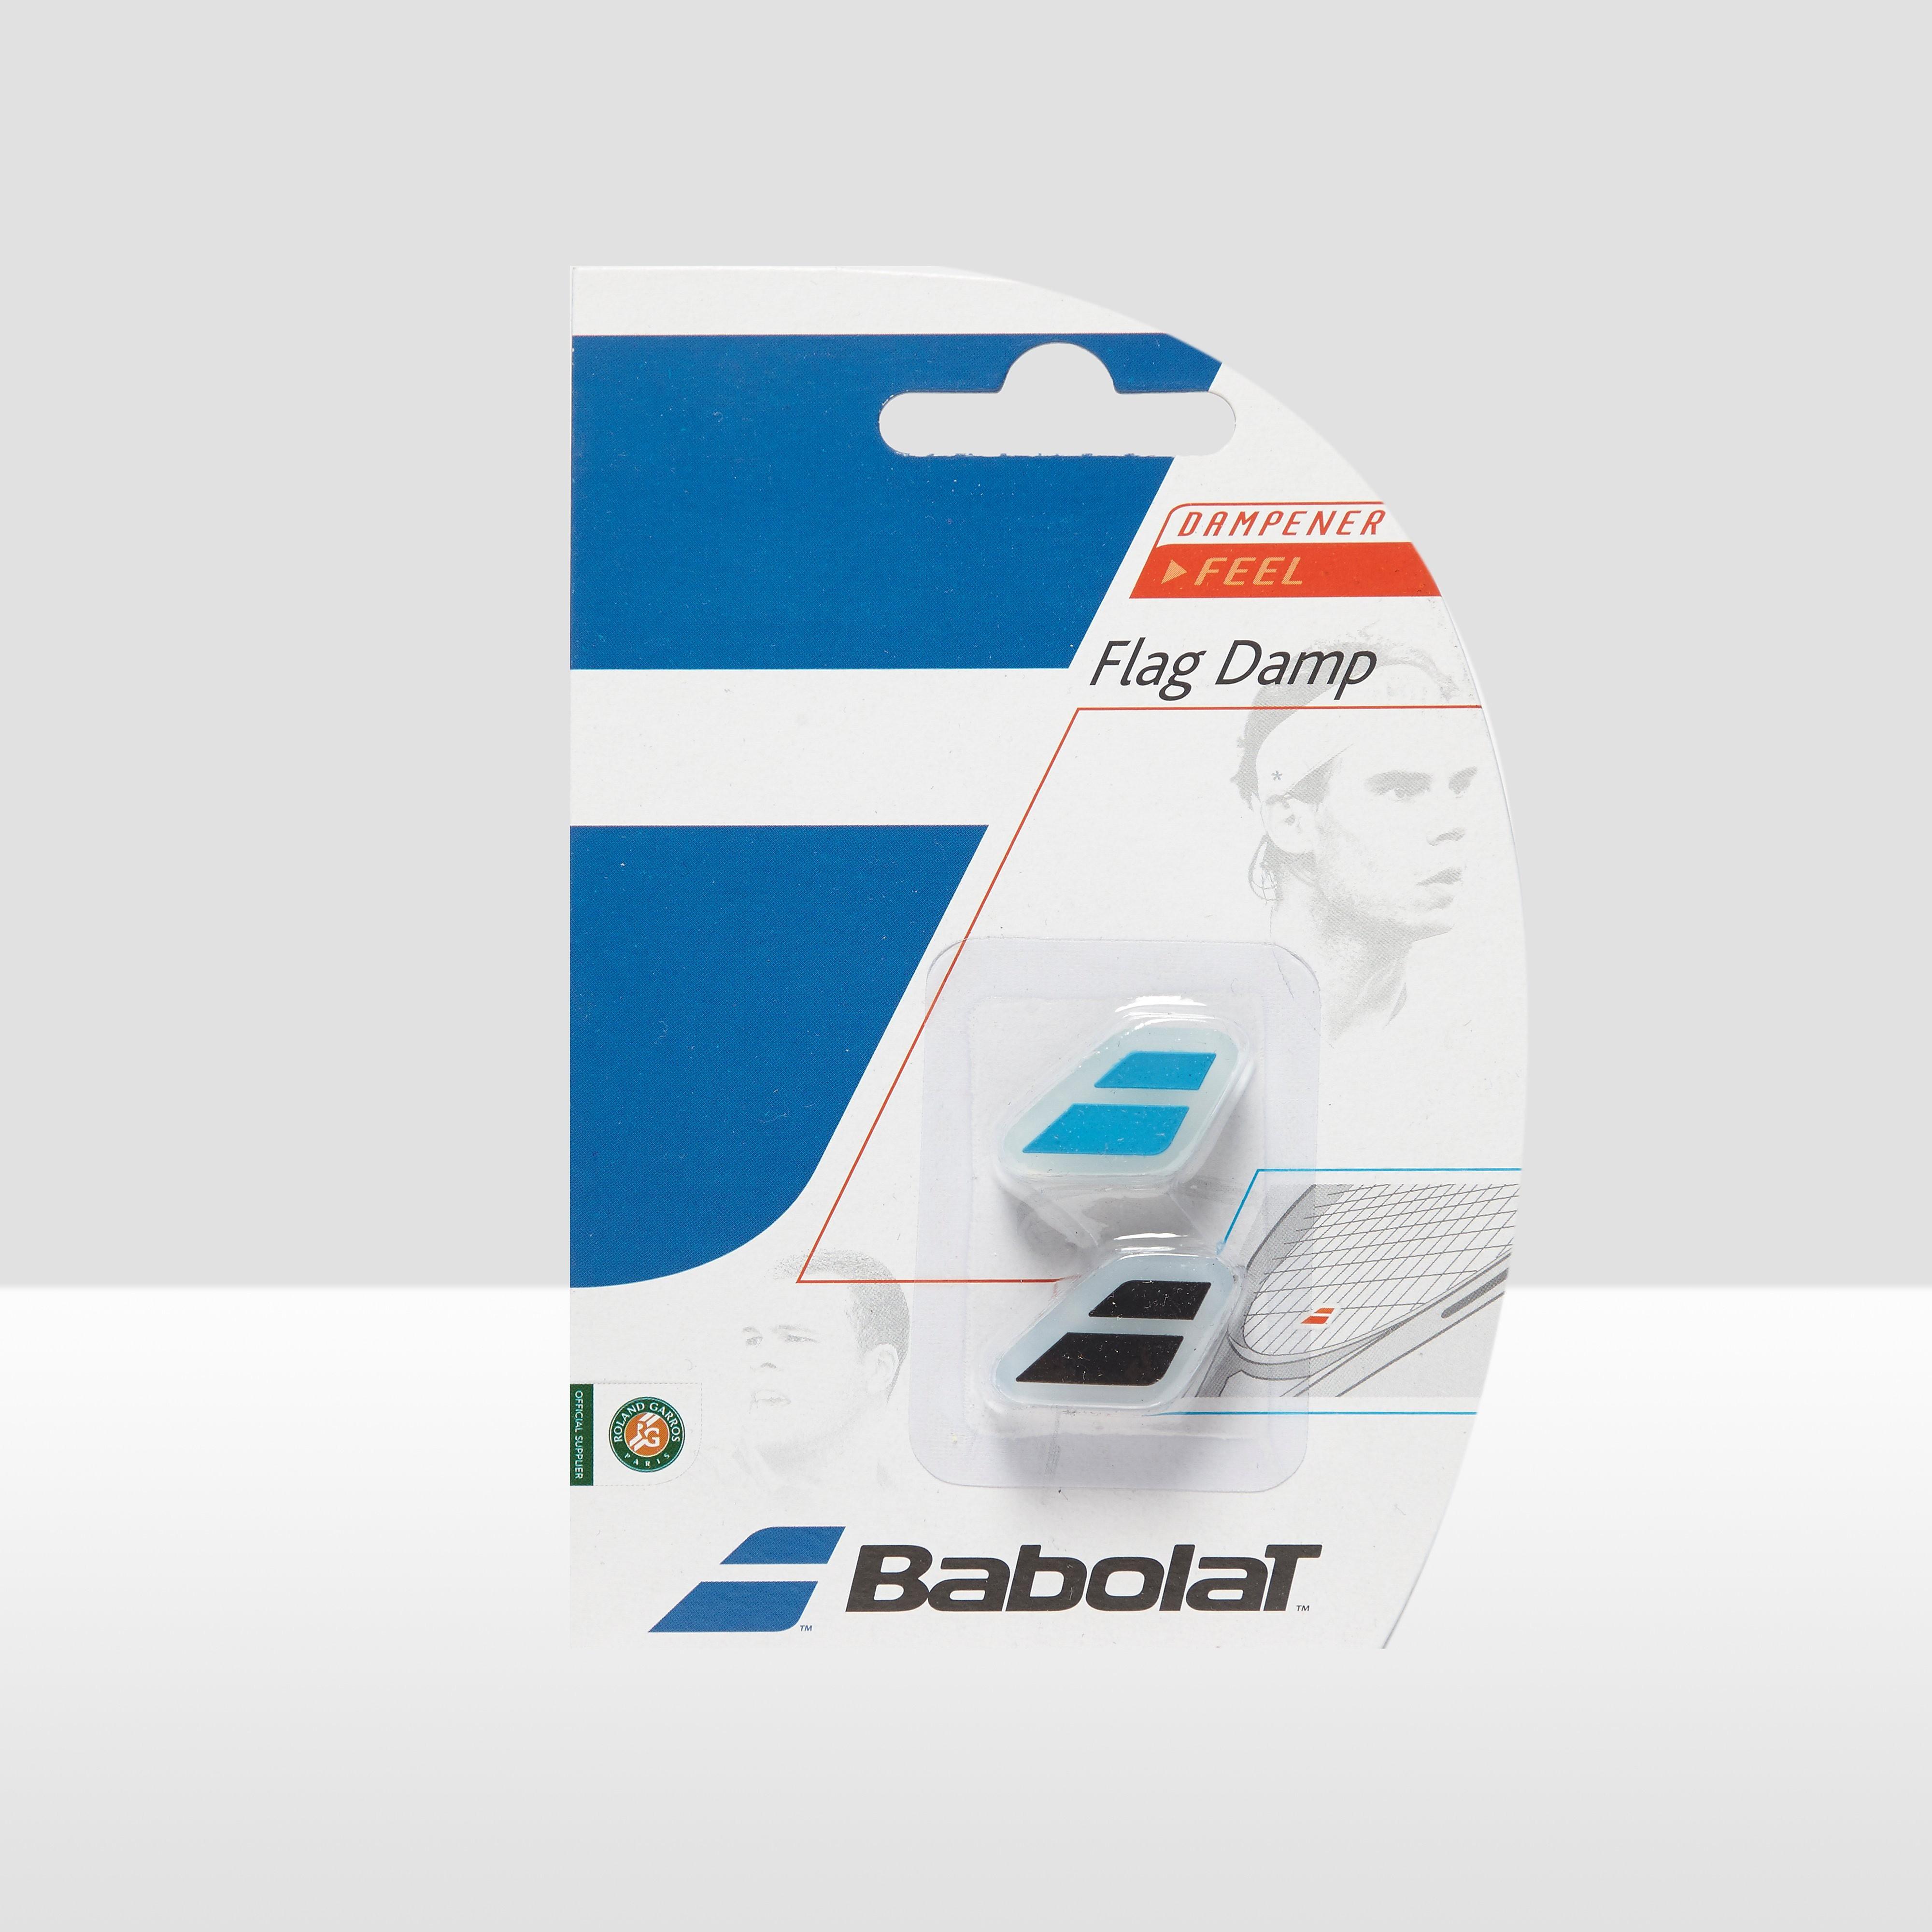 Babolat Flag x2 Tennis Racket Dampener